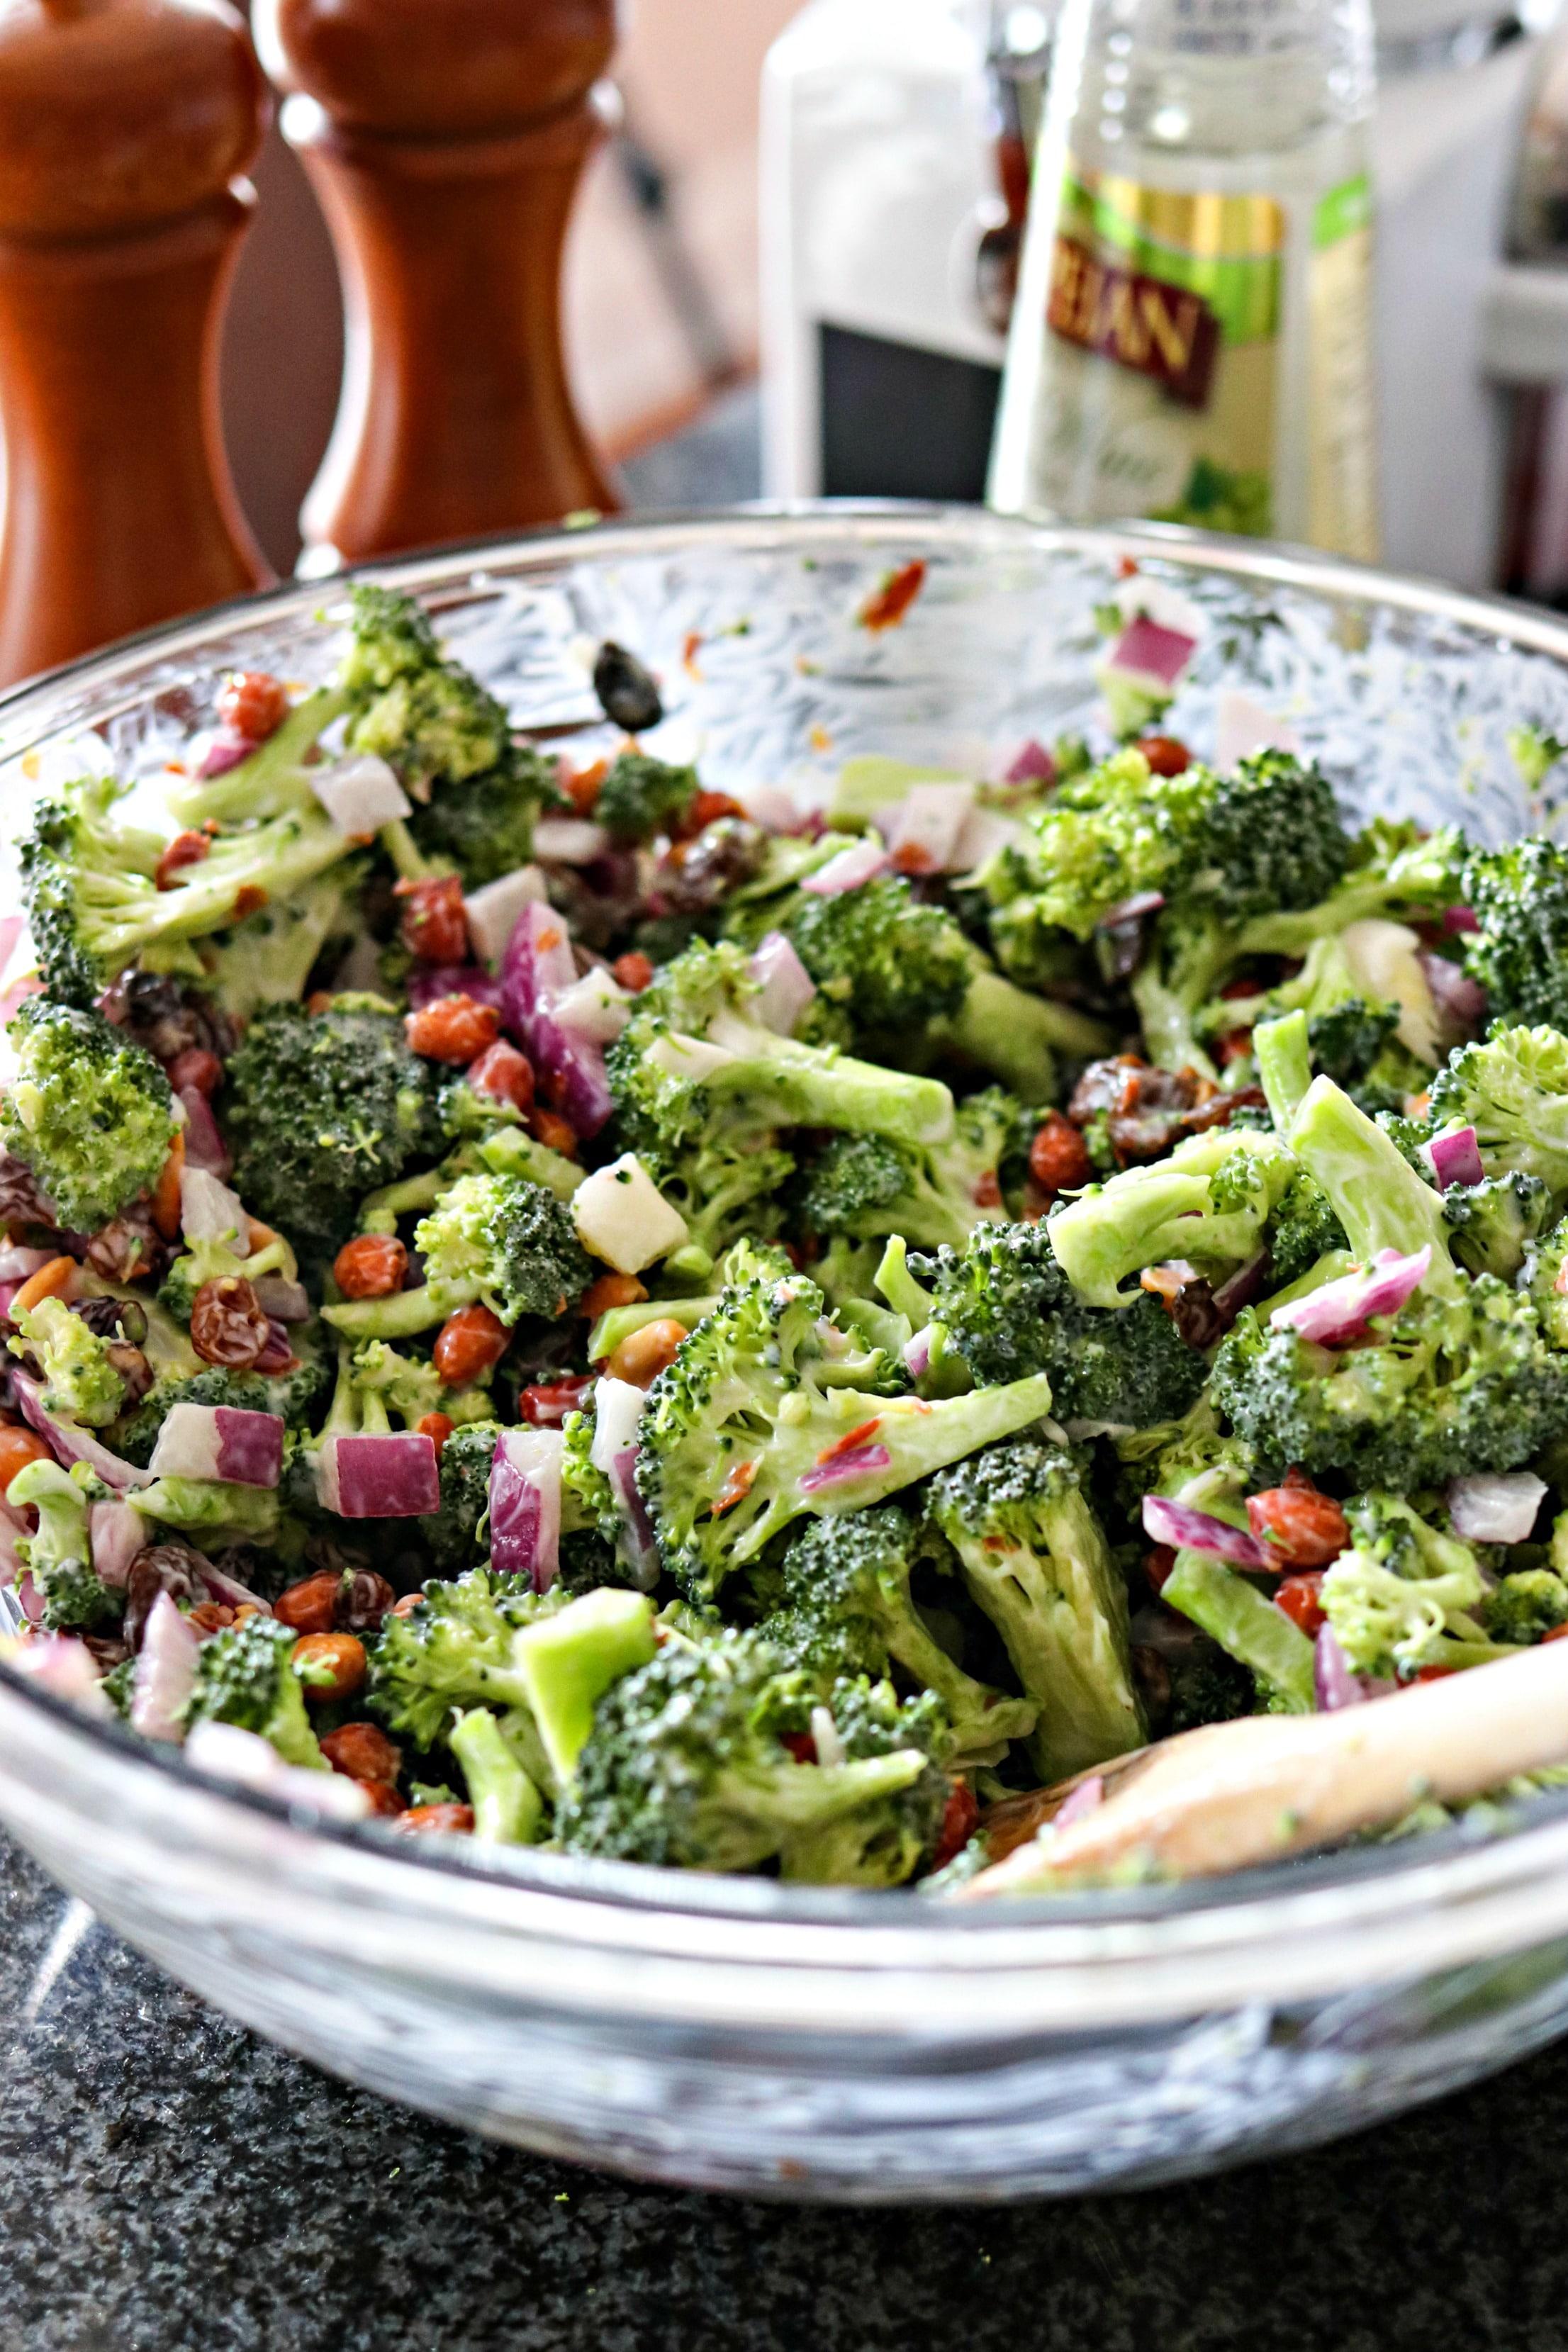 Bowl of Fresh Broccoli Salad with Crispy Bacon